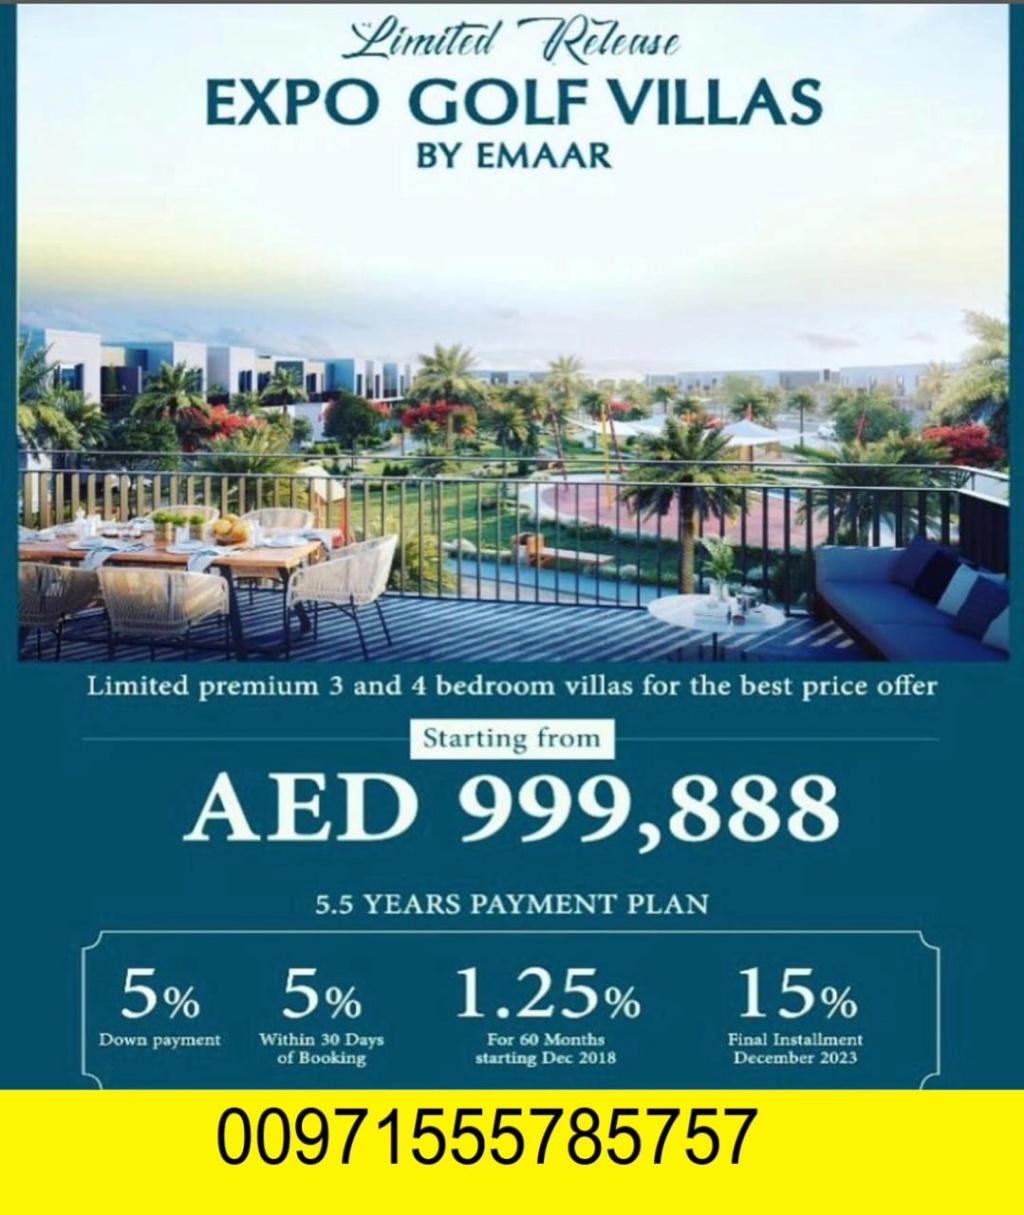 فلل للبيع في دبي بسعر مميز جدا يبدأ السعر من 999,888 (مليون درهم فقط ) وبالتقسيط الى مابعد الاستلام Img_8311